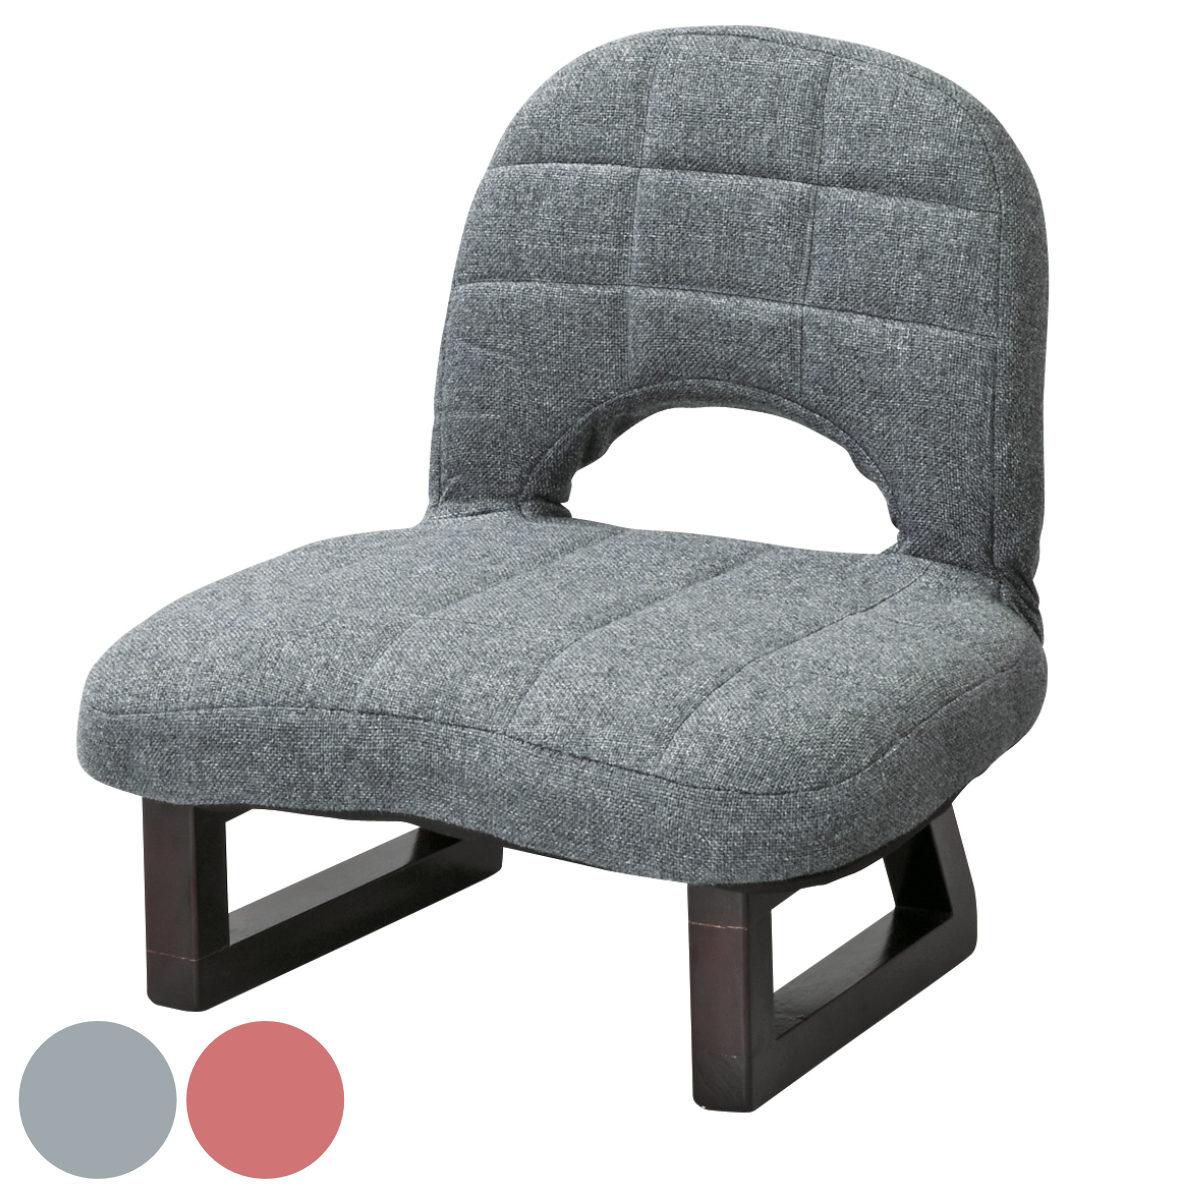 正座椅子 背もたれ付 折りたたみ ( 椅子 ローチェア 送料無料 )